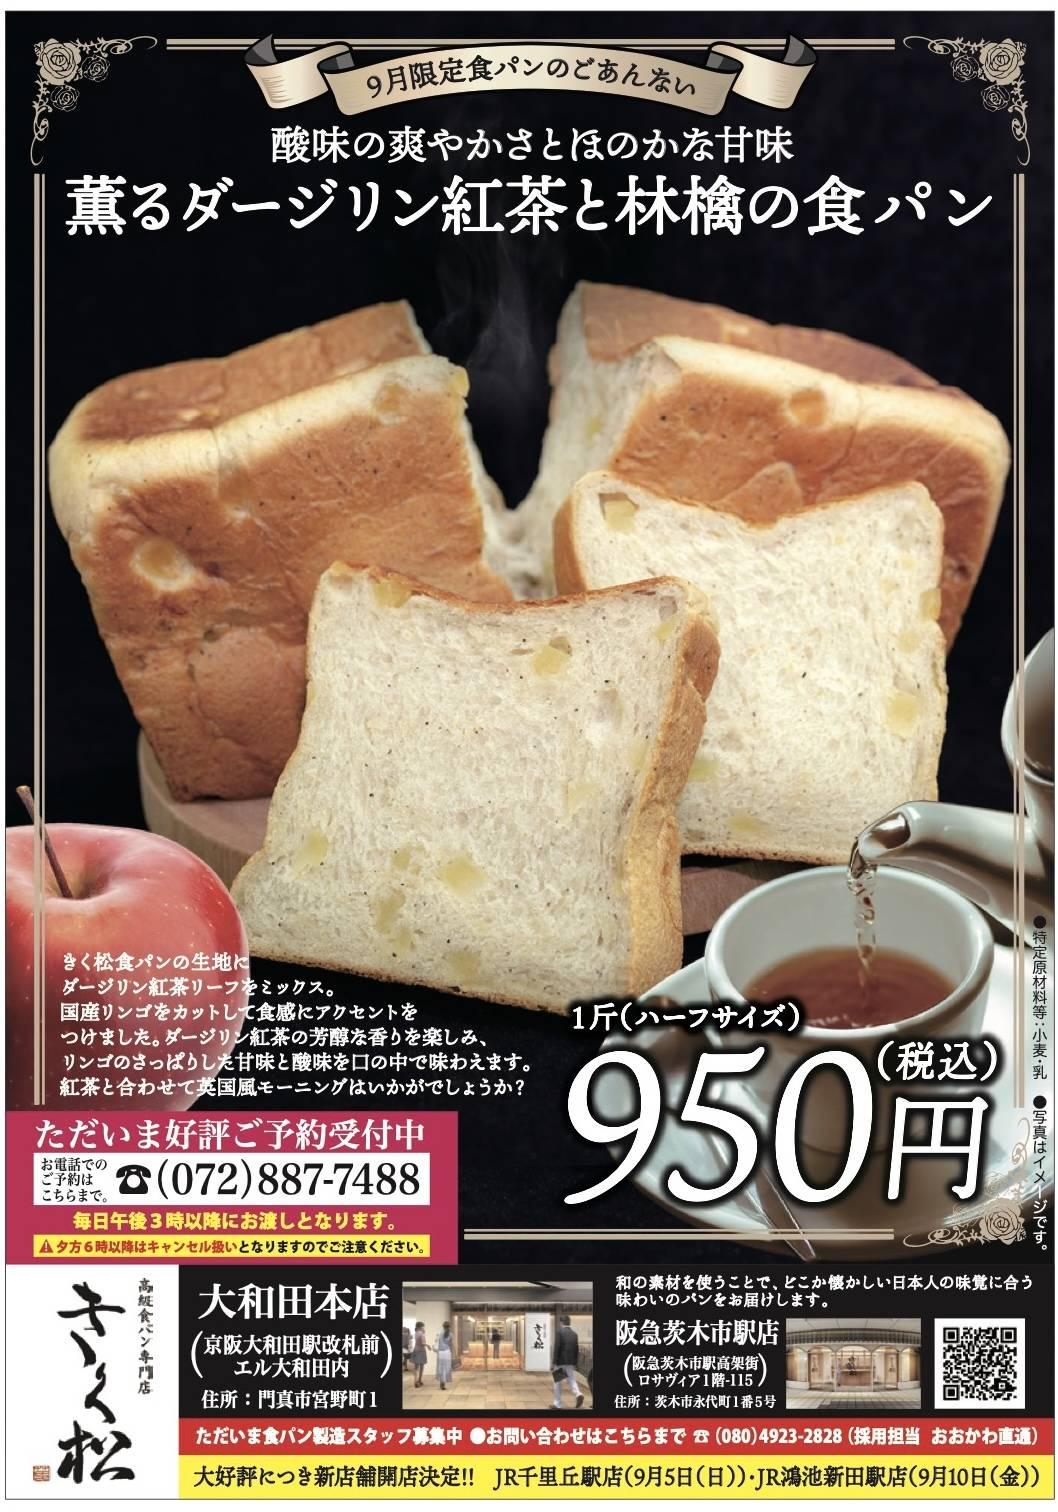 9月の限定食パンは【酸味の爽やかさとほのかな甘み 薫るダージリン紅茶と林檎の食パン】